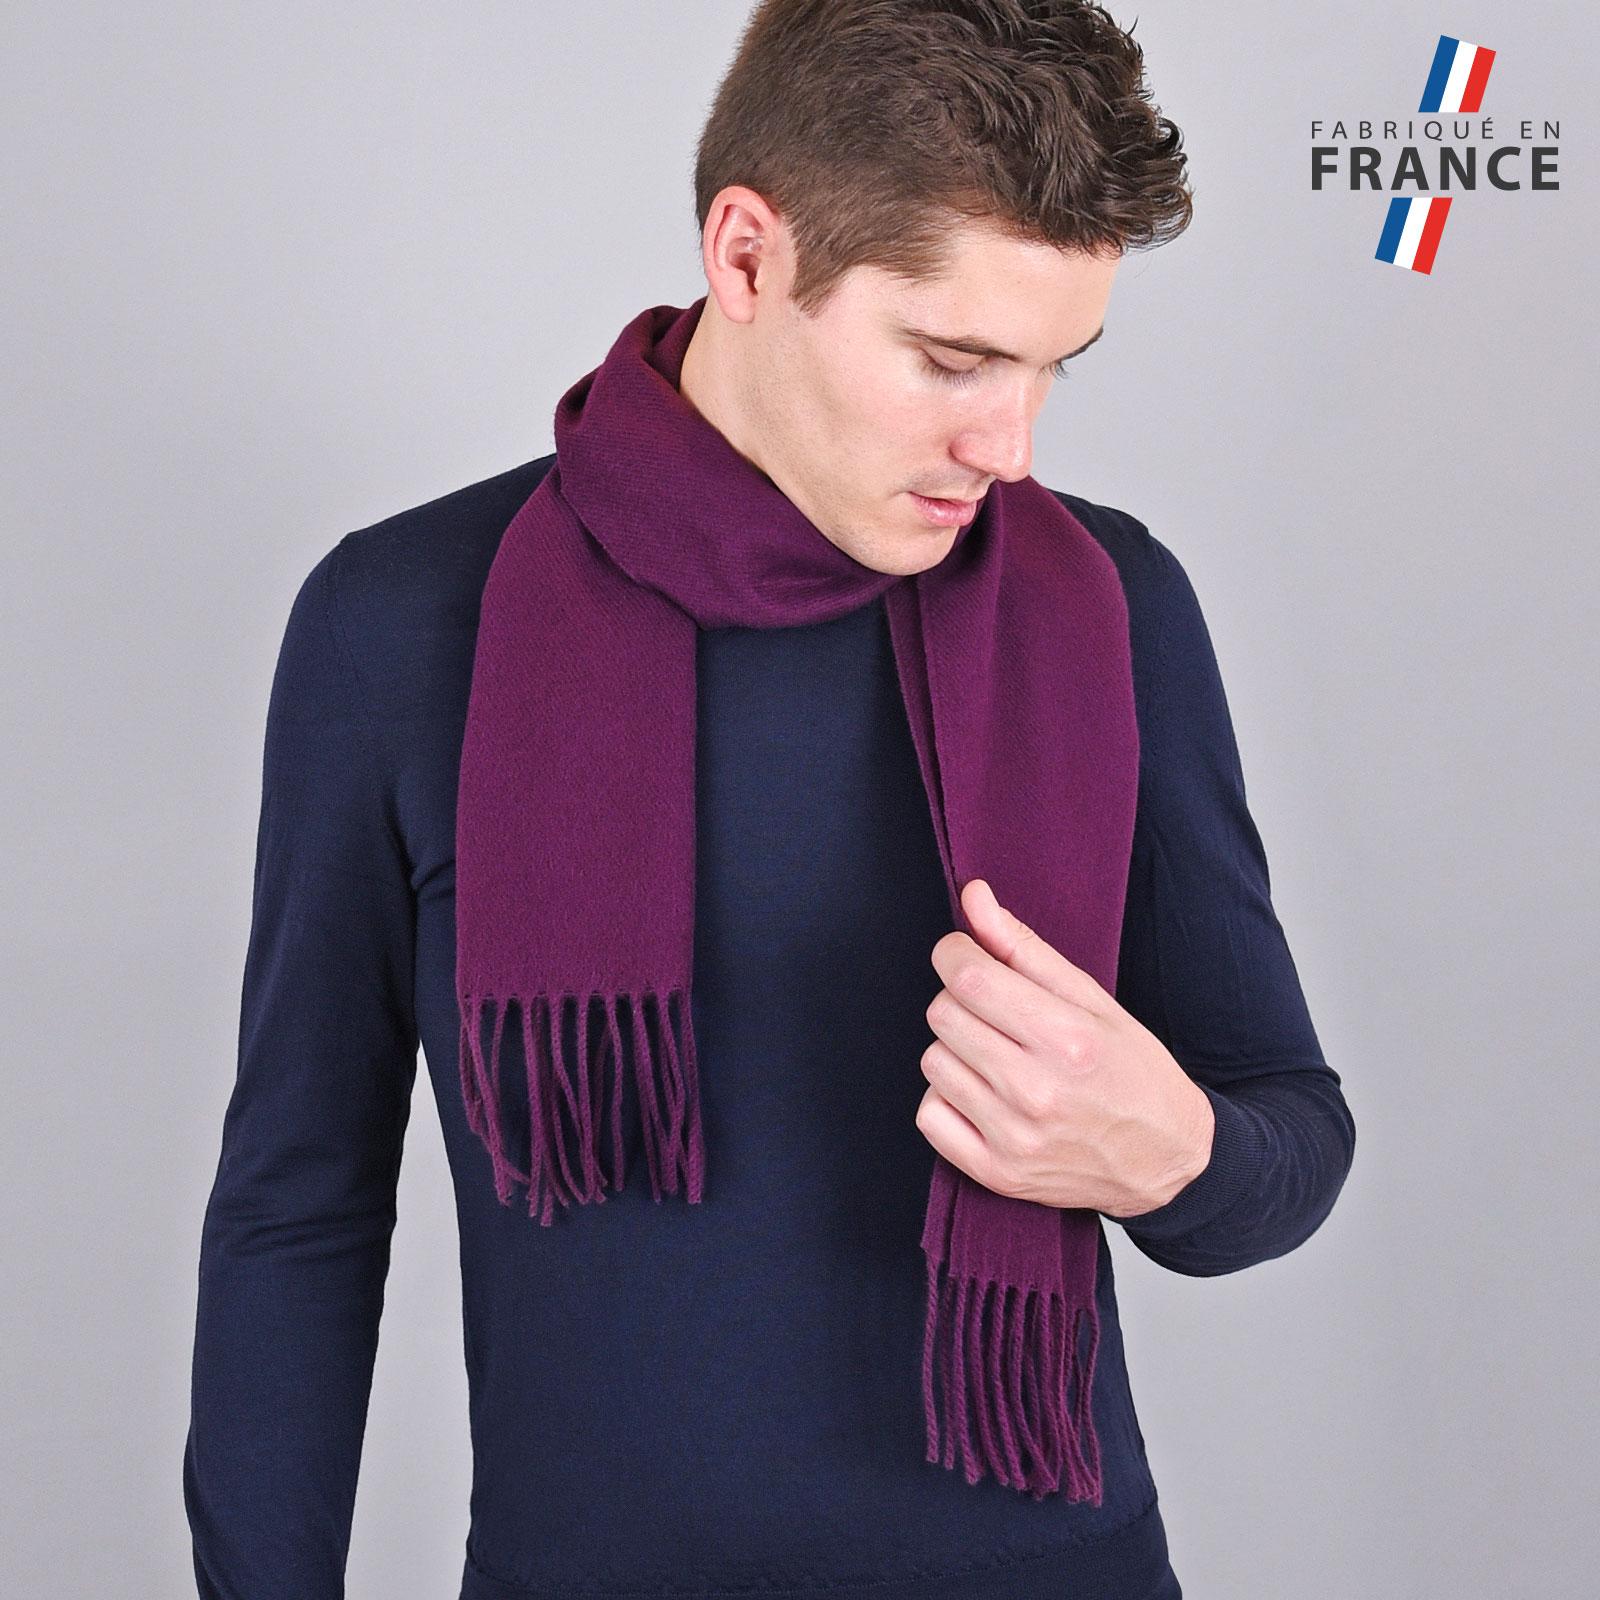 AT-03434-VH16-LB_FR-echarpe-homme-violine-franges-fabrication-france